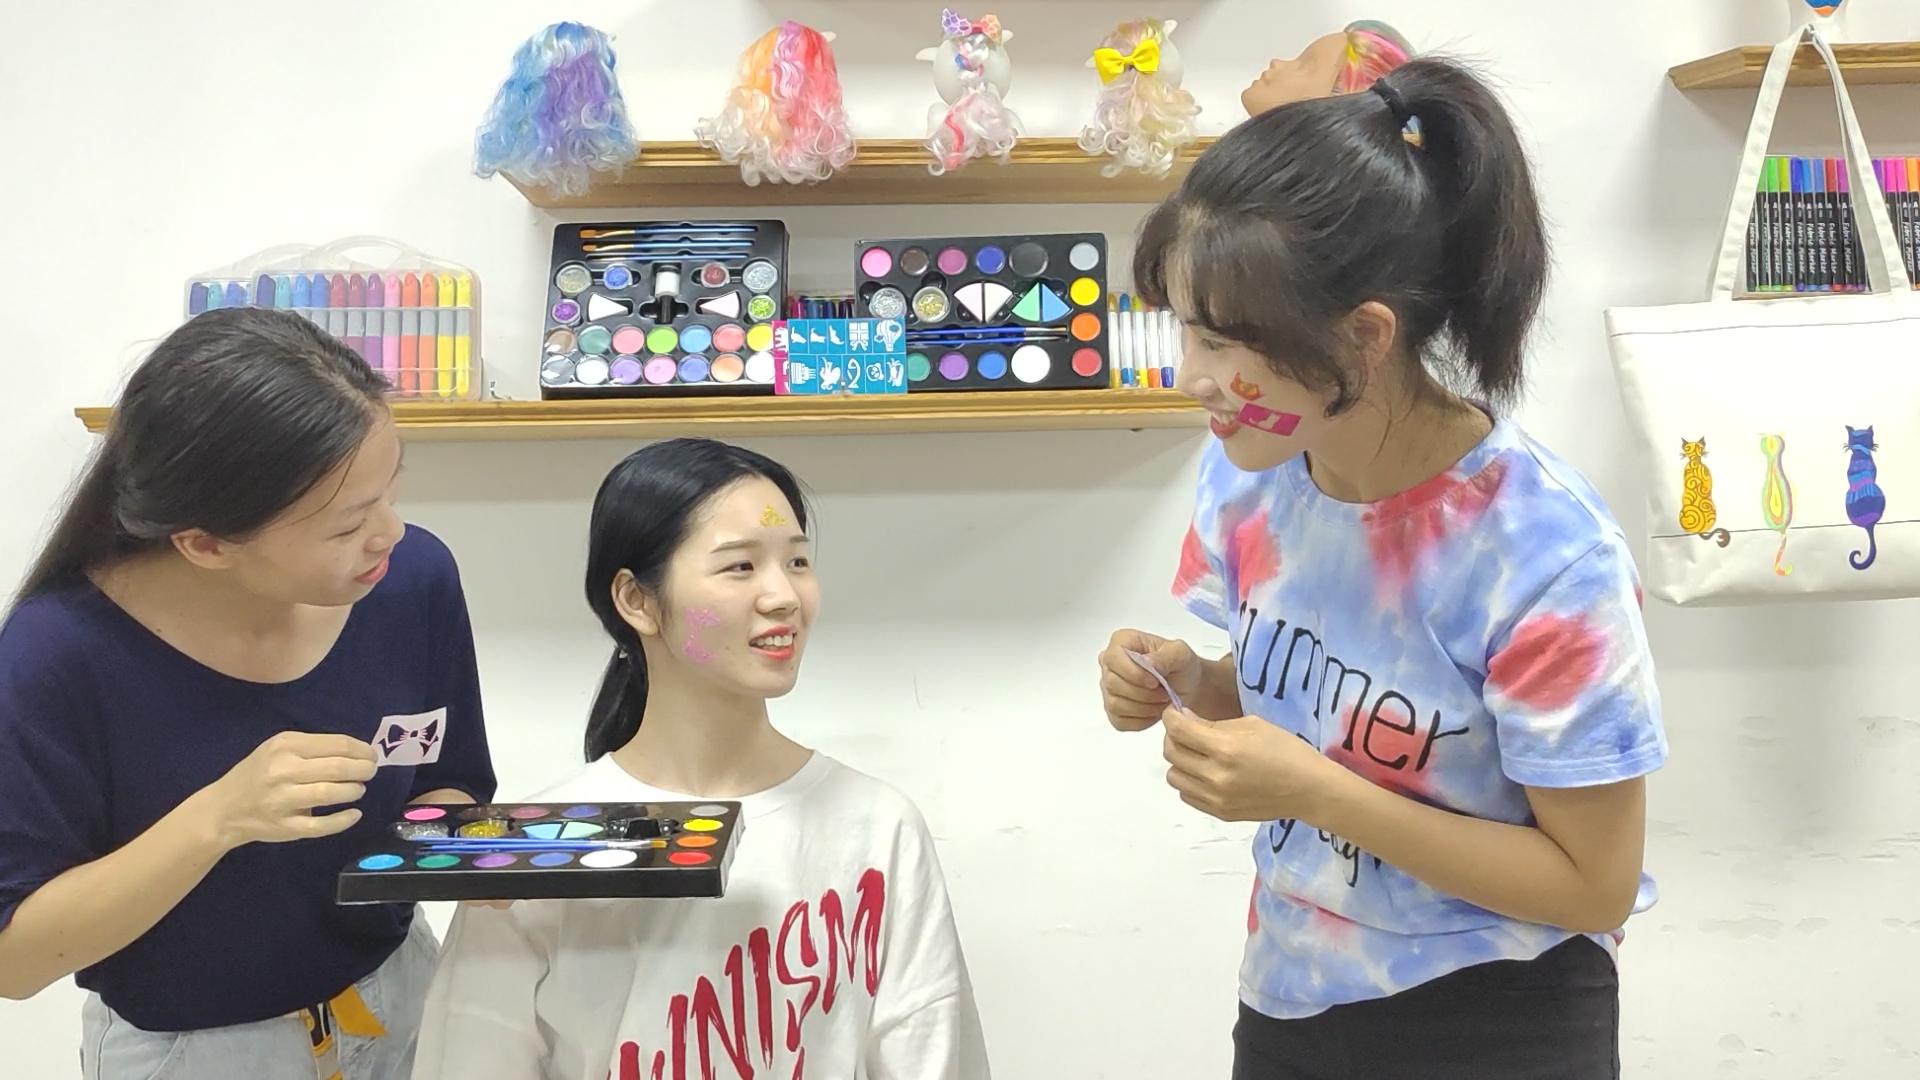 Body & Gezicht Schilderij Make-Up Kit Set Professionele Kwaliteit Gezicht Verf Voor Familie Party En Halloween Dag